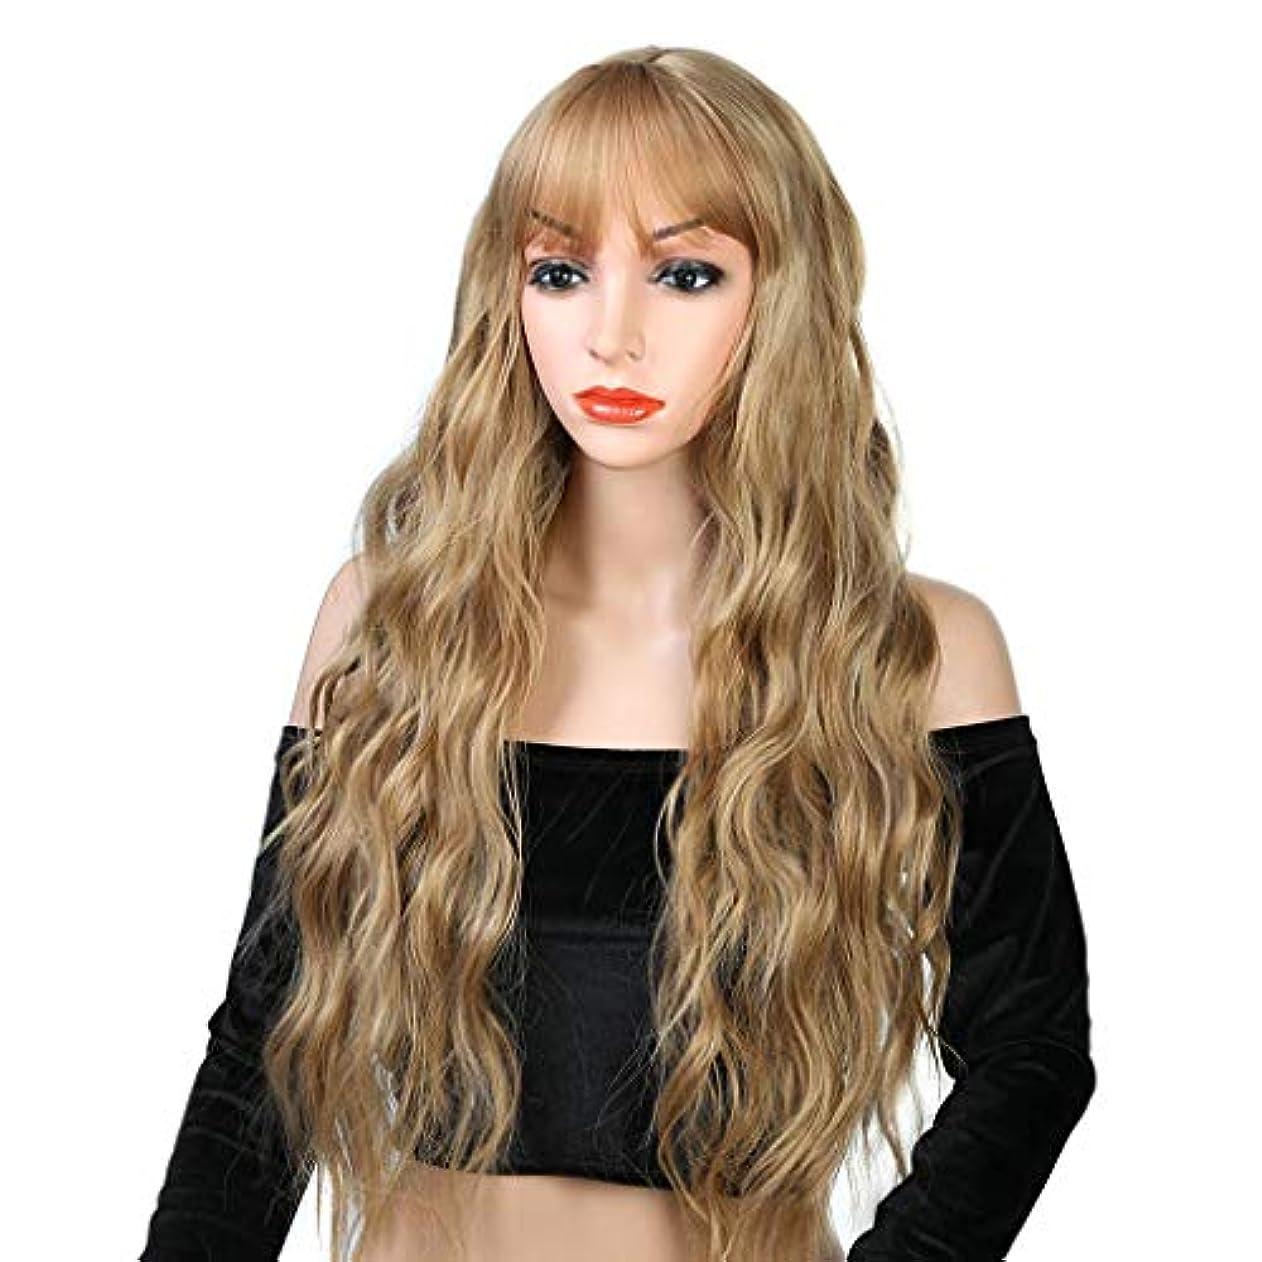 消す現れるティーンエイジャーリザイ ファッションレースかつら、前髪自然波ロングカーリー耐熱合成かつらで女性ストロベリーブロンドオンブルライトブロンドのかつら26インチ